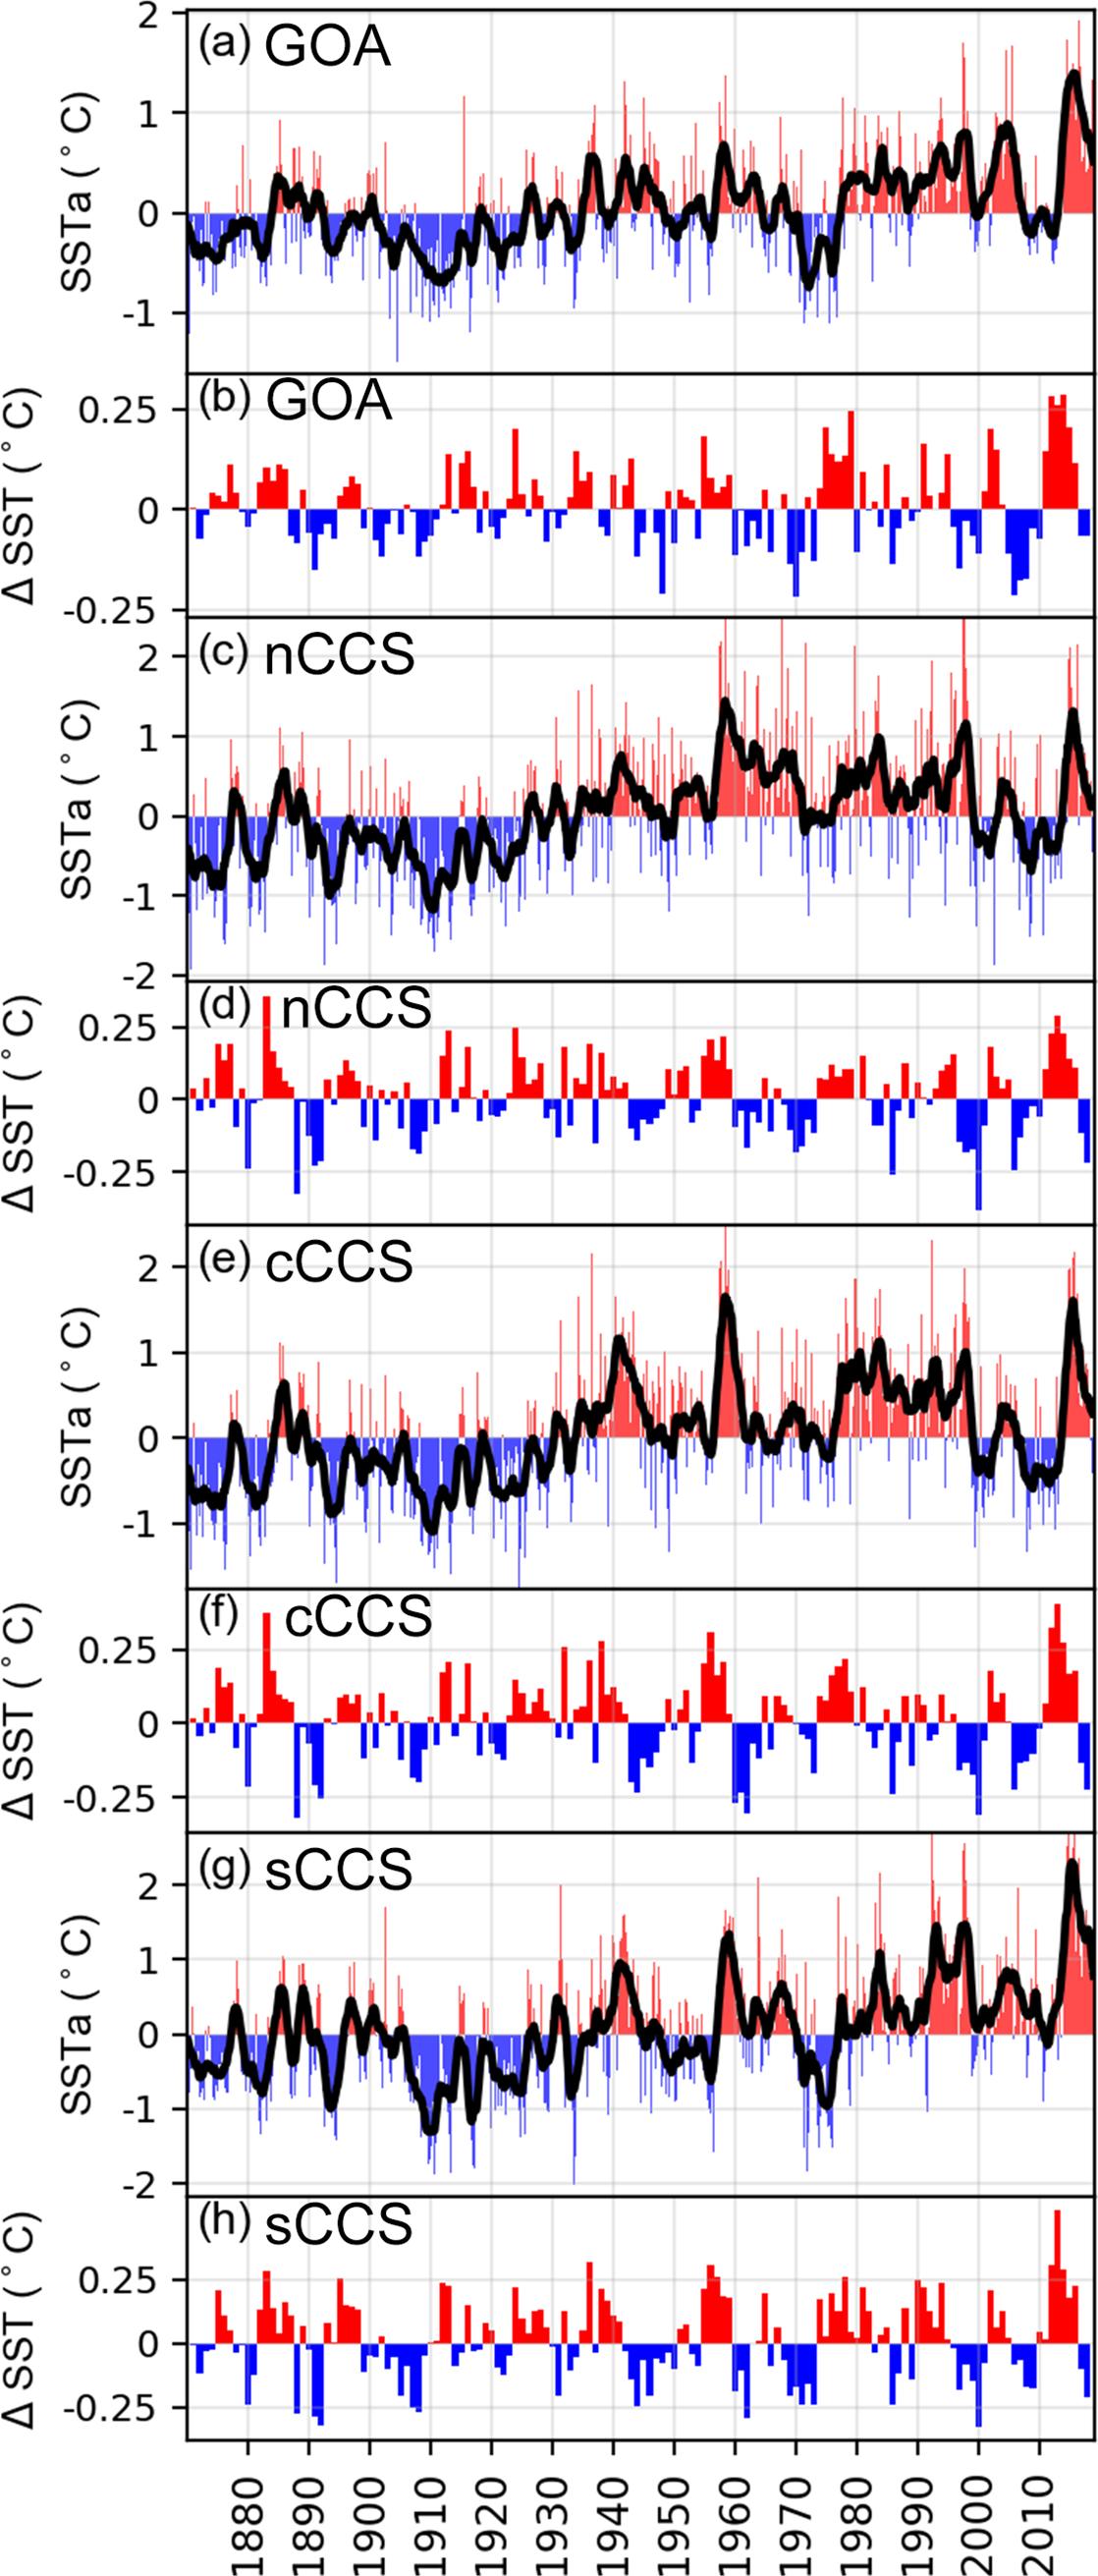 Экстремальная смертность и неудача размножения у кайр северо-восточной Пацифики вследствие волны темпа 2014-2016 гг. Показаны данные по температурным аномалиям поверхности воды в регионах, где отметили массовую гибель кайр